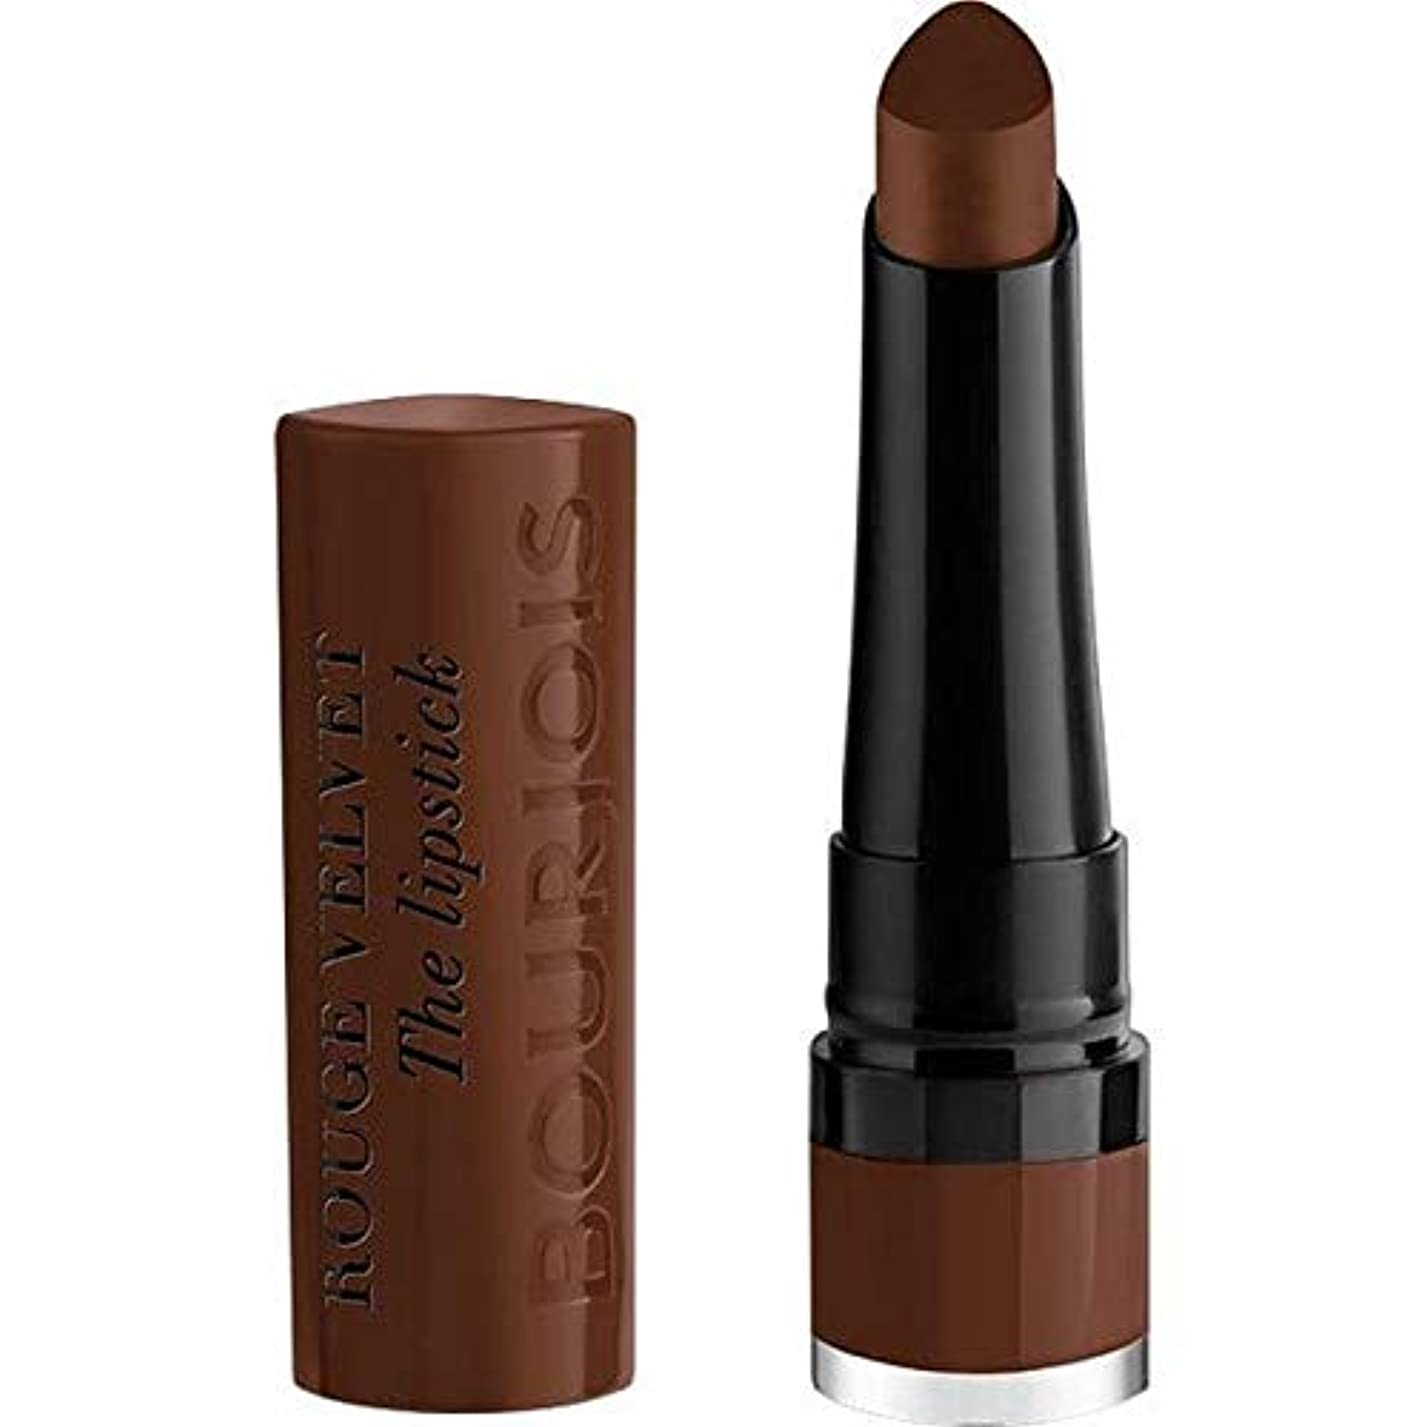 レトルト厚さ統治可能[Bourjois ] ブルジョワルージュのベルベット口紅マカブラウン - Bourjois Rouge Velvet Lipstick Maca Brown [並行輸入品]